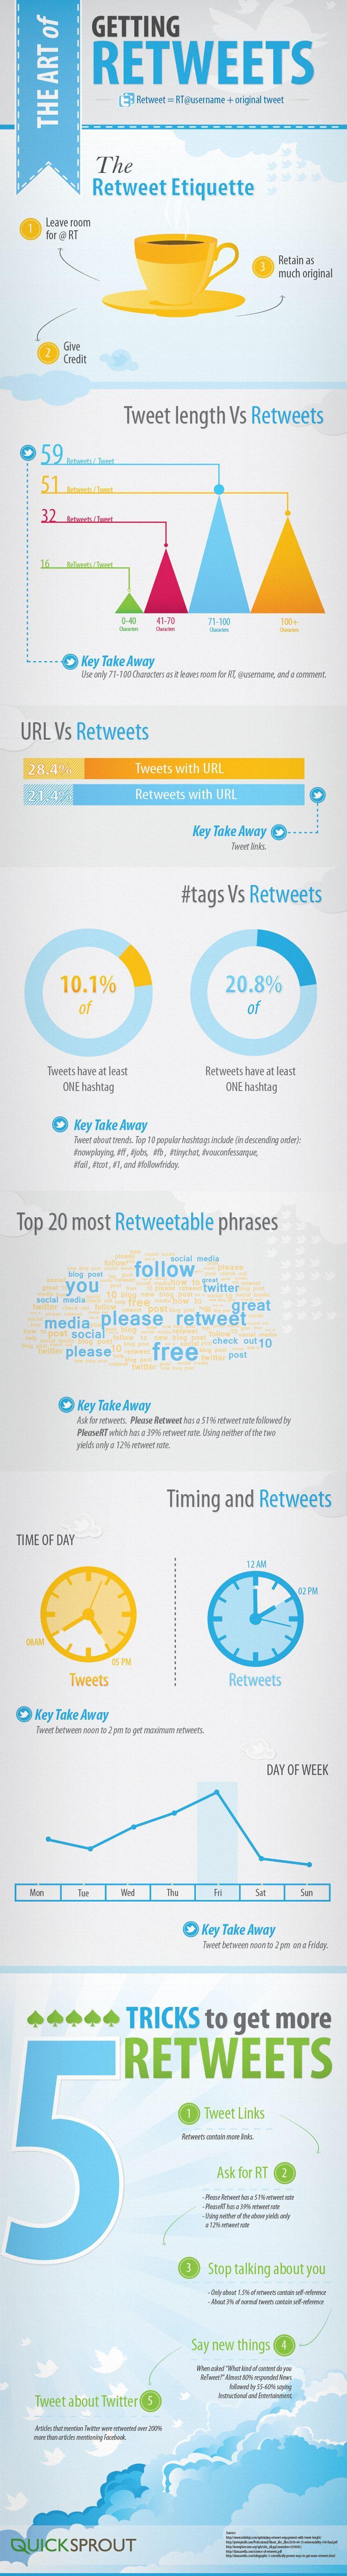 L'arte di ottenere più retweet